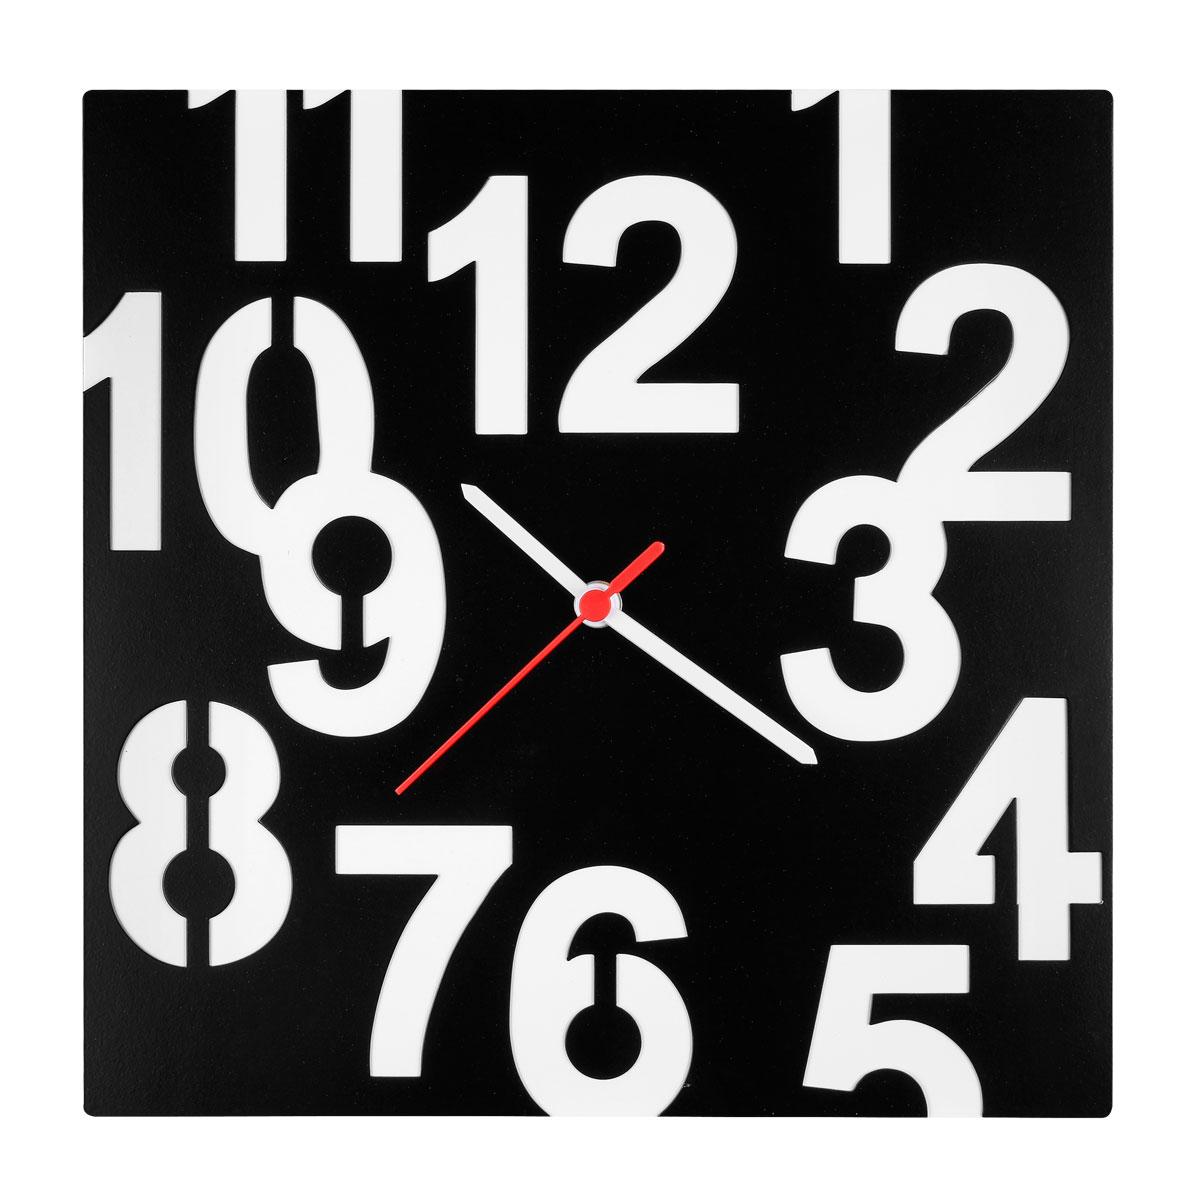 Часы настенные Miolla Квадрат с цифрамиCH014Оригинальные настенные часы квадратной формы выполнены из стали. Часы имеюттри стрелки - часовую, минутную и секундную и циферблат с цифрами. Необычноедизайнерское решение и качество исполнения придутся по вкусу каждому. Часы работают от 1 батарейки типа АА напряжением 1,5 В.